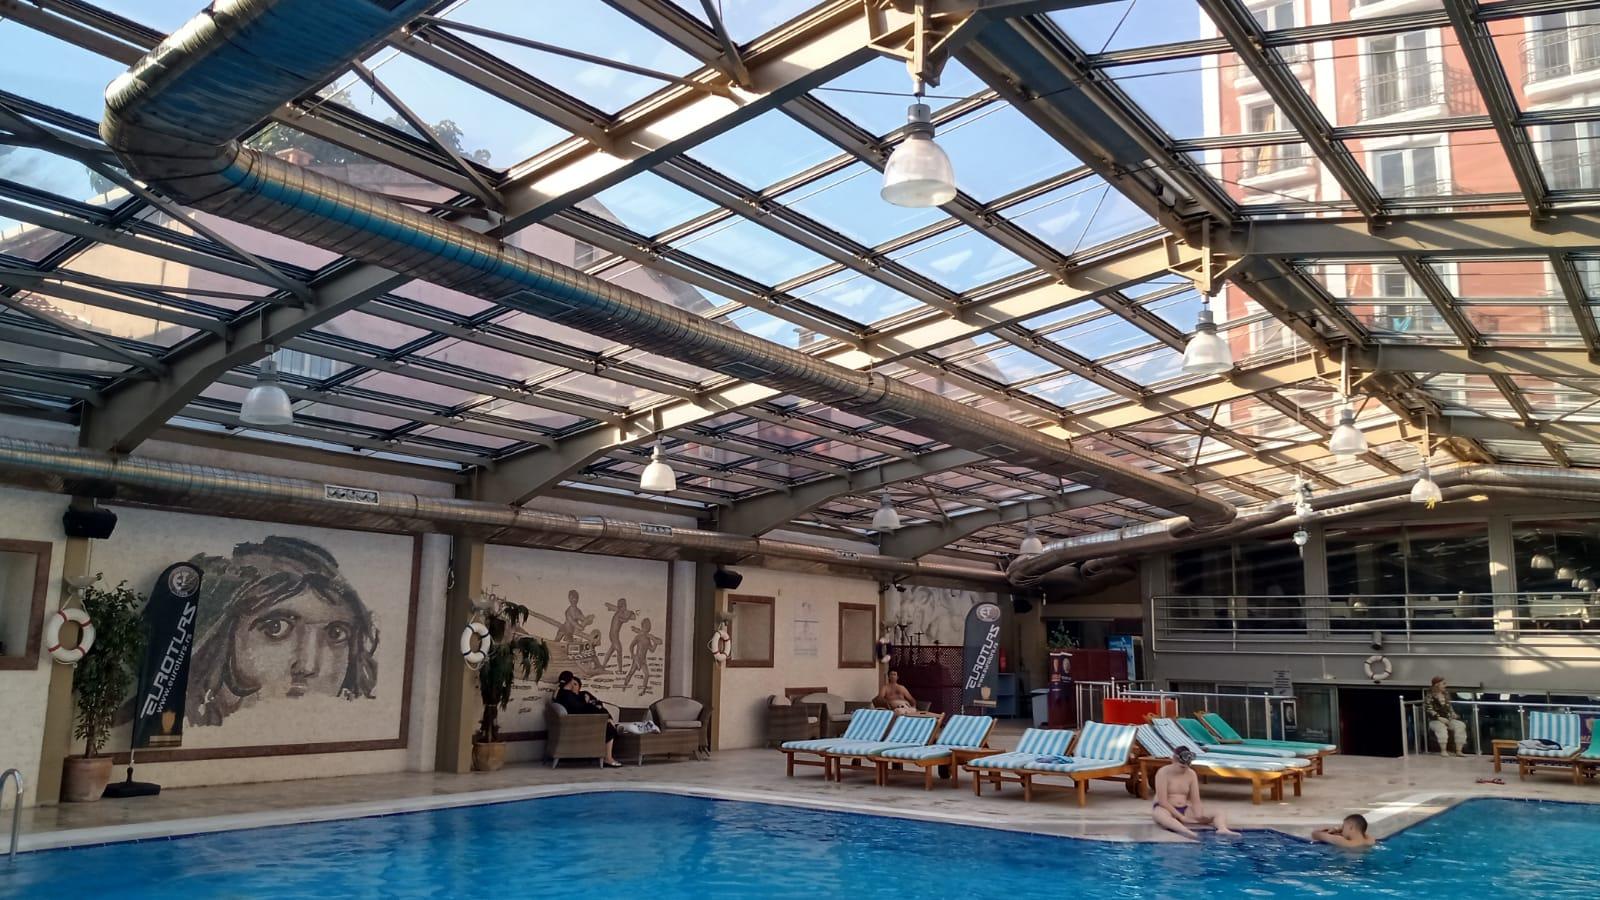 Letovanje Turska avionom, Kumburgaz, hotel Blue World, hotelski bazen